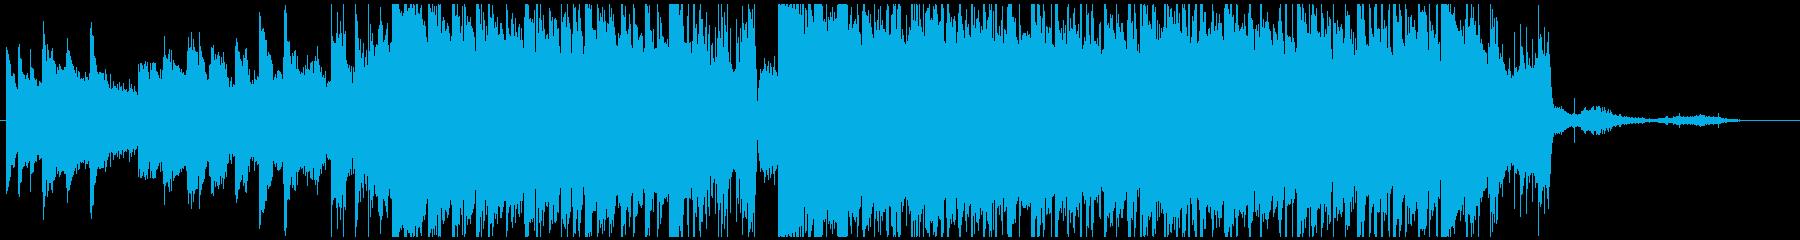 ジングル - 熱帯夜の再生済みの波形